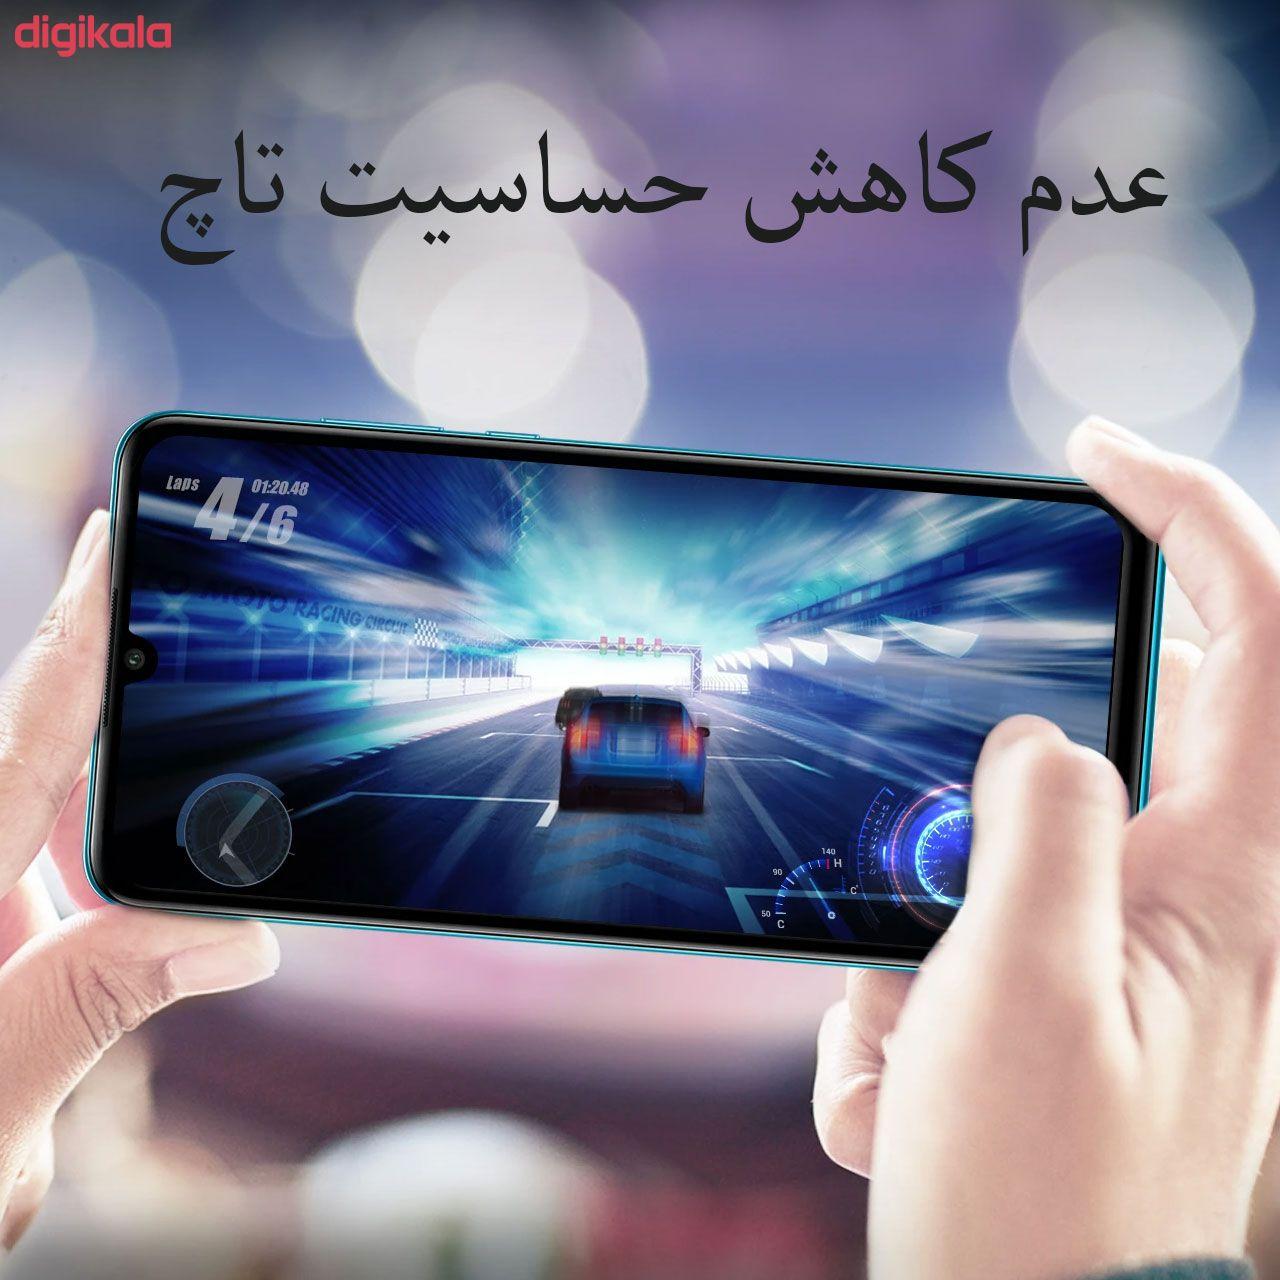 محافظ صفحه نمایش مدل FCG مناسب برای گوشی موبایل شیائومی Redmi Note 8T main 1 1